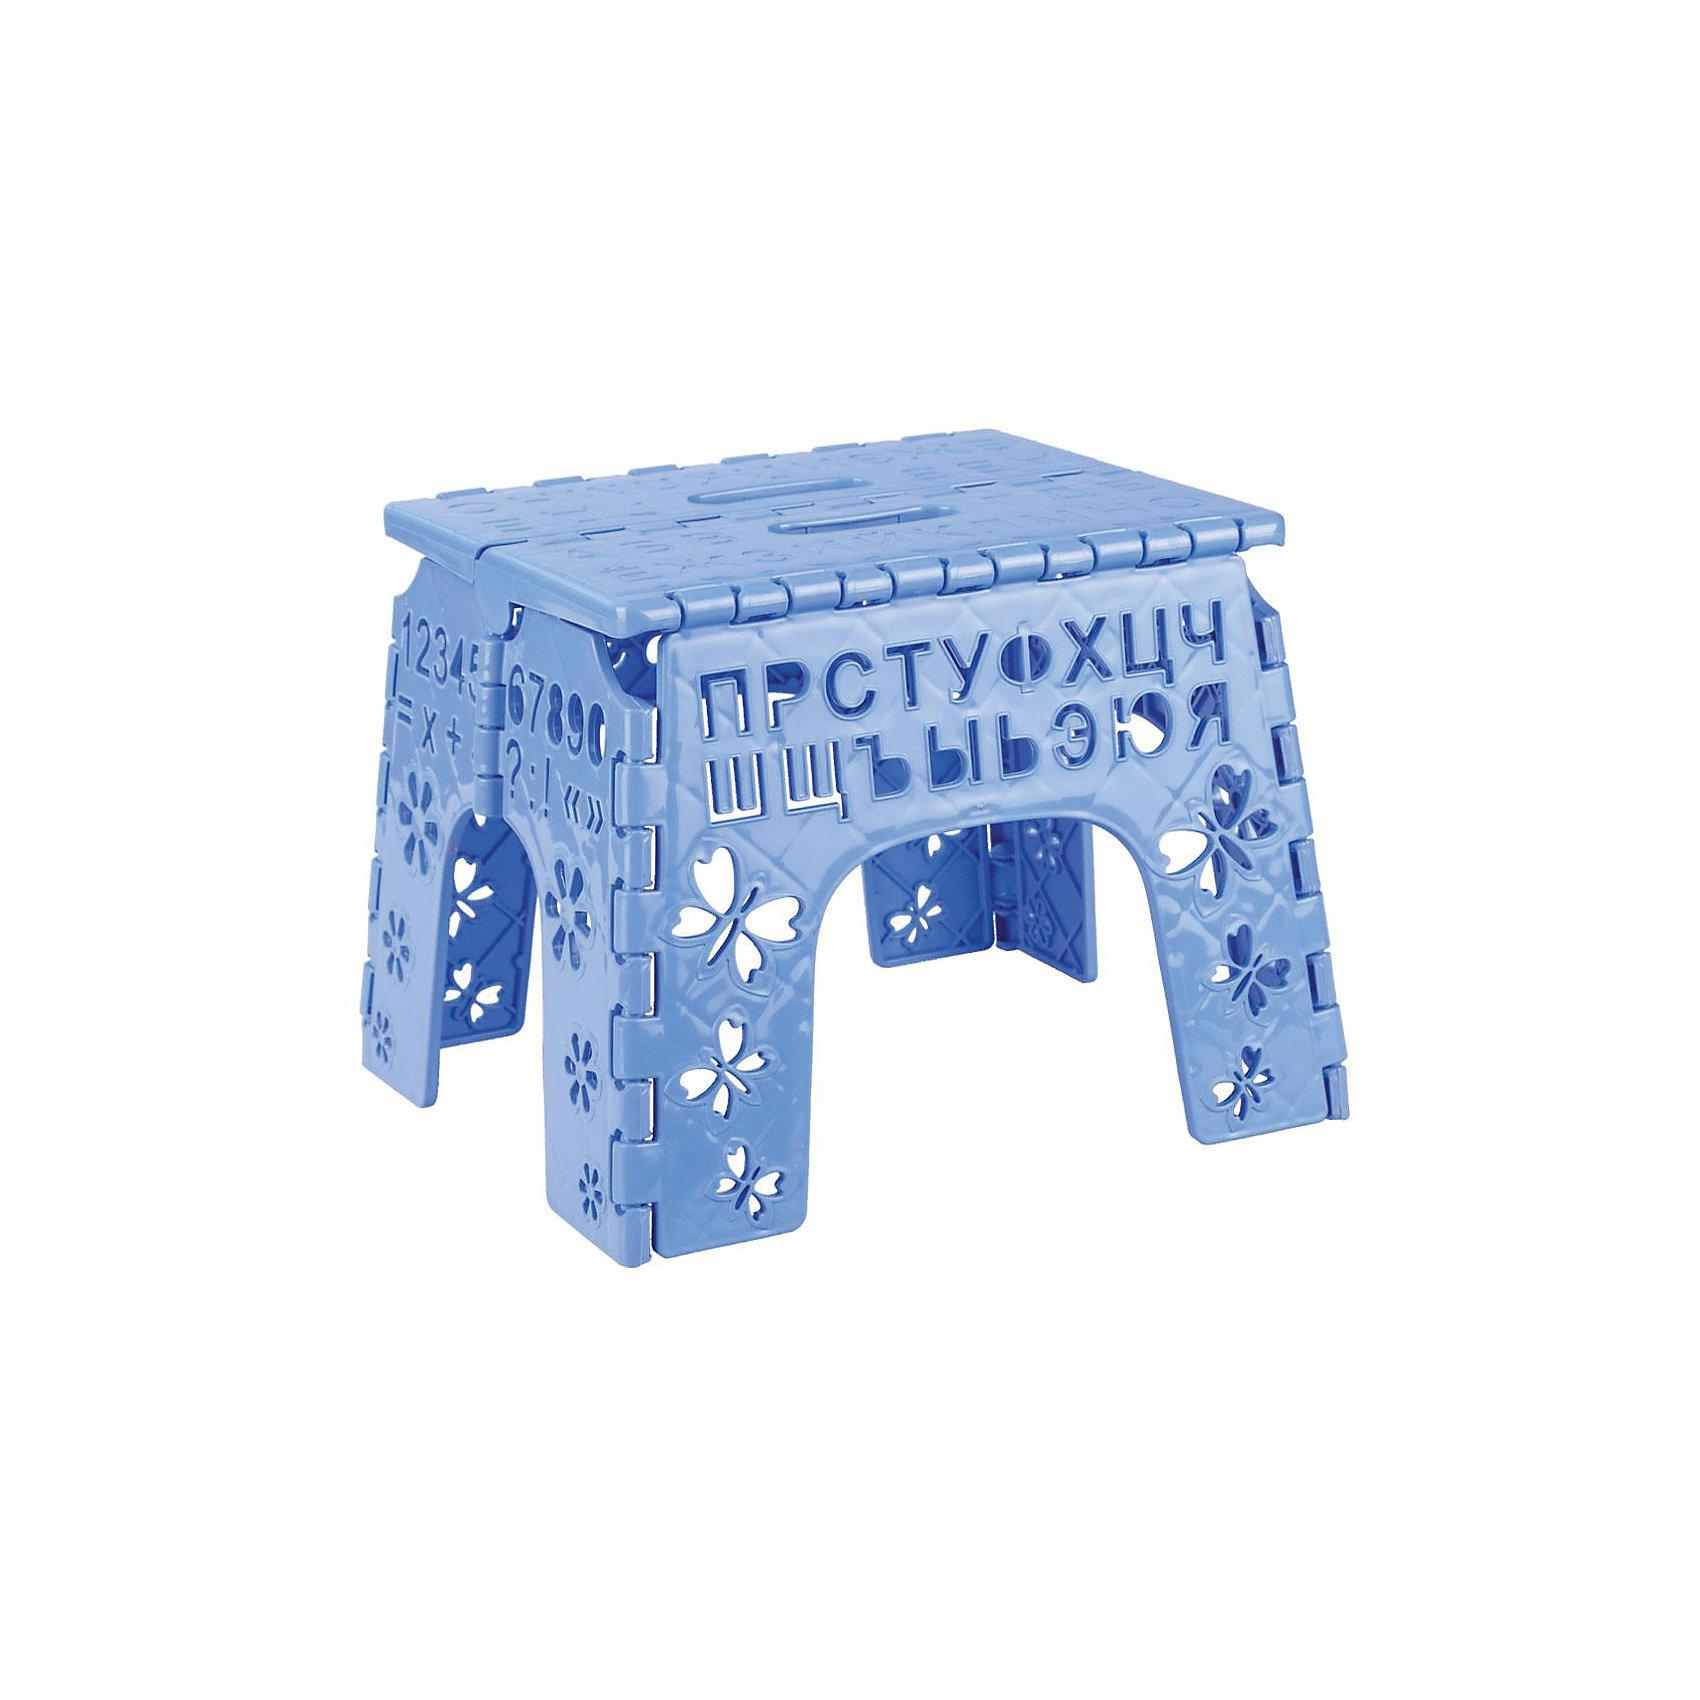 Табурет складной детский «Алфавит», Alternativa, синий  диван рядом с кроватью